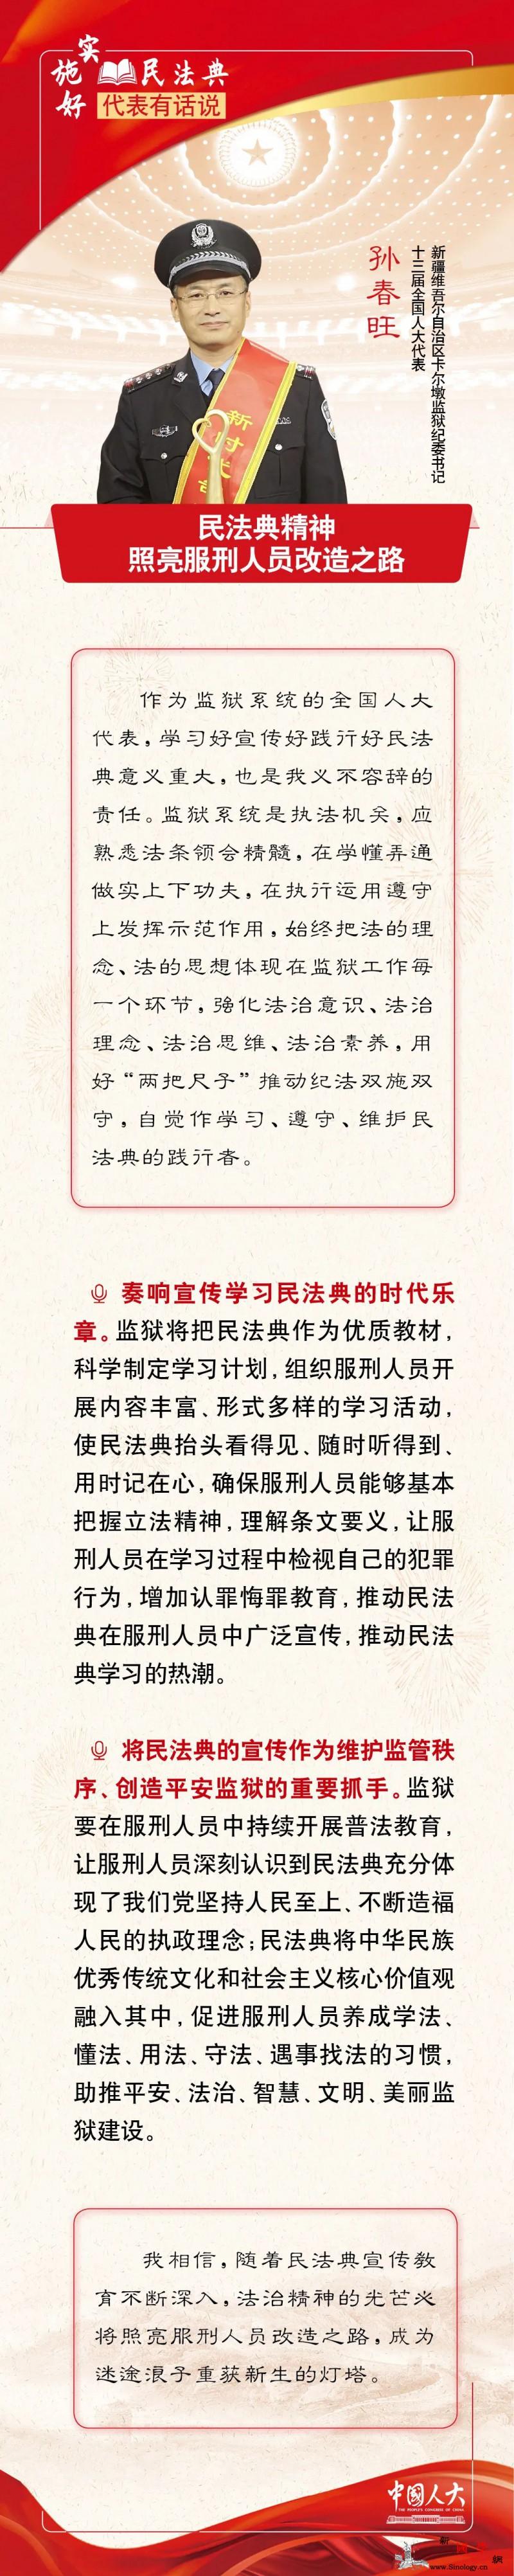 孙春旺:民法典精神照亮服刑人员改造之_文案-编辑-民法典-